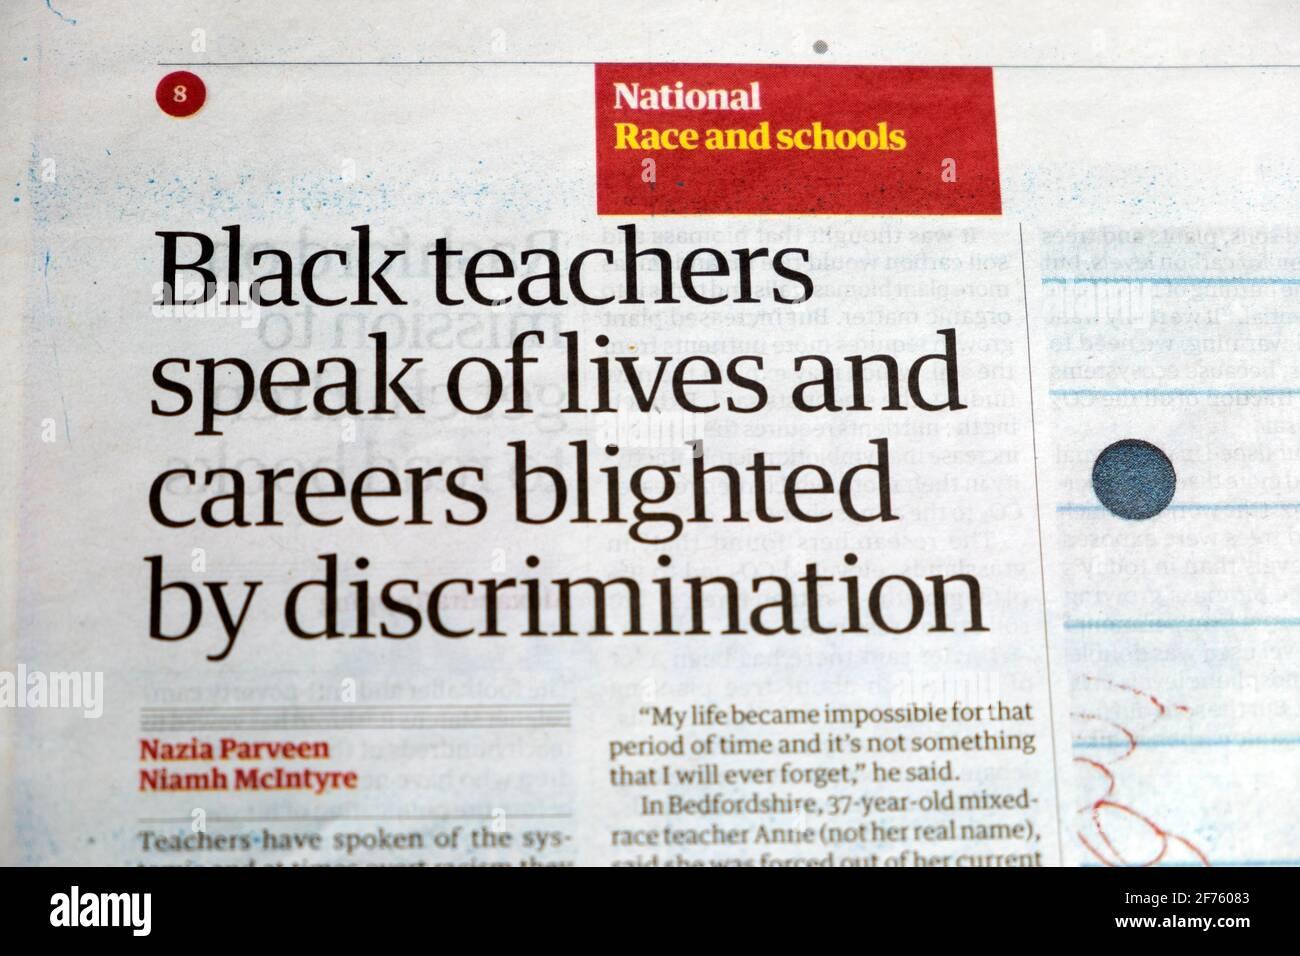 Razza e scuole 'insegnanti neri parlano di vite e carriere Blighted by Discrimination' Newspaper headline article 25 March 2021 Londra Inghilterra Regno Unito Foto Stock